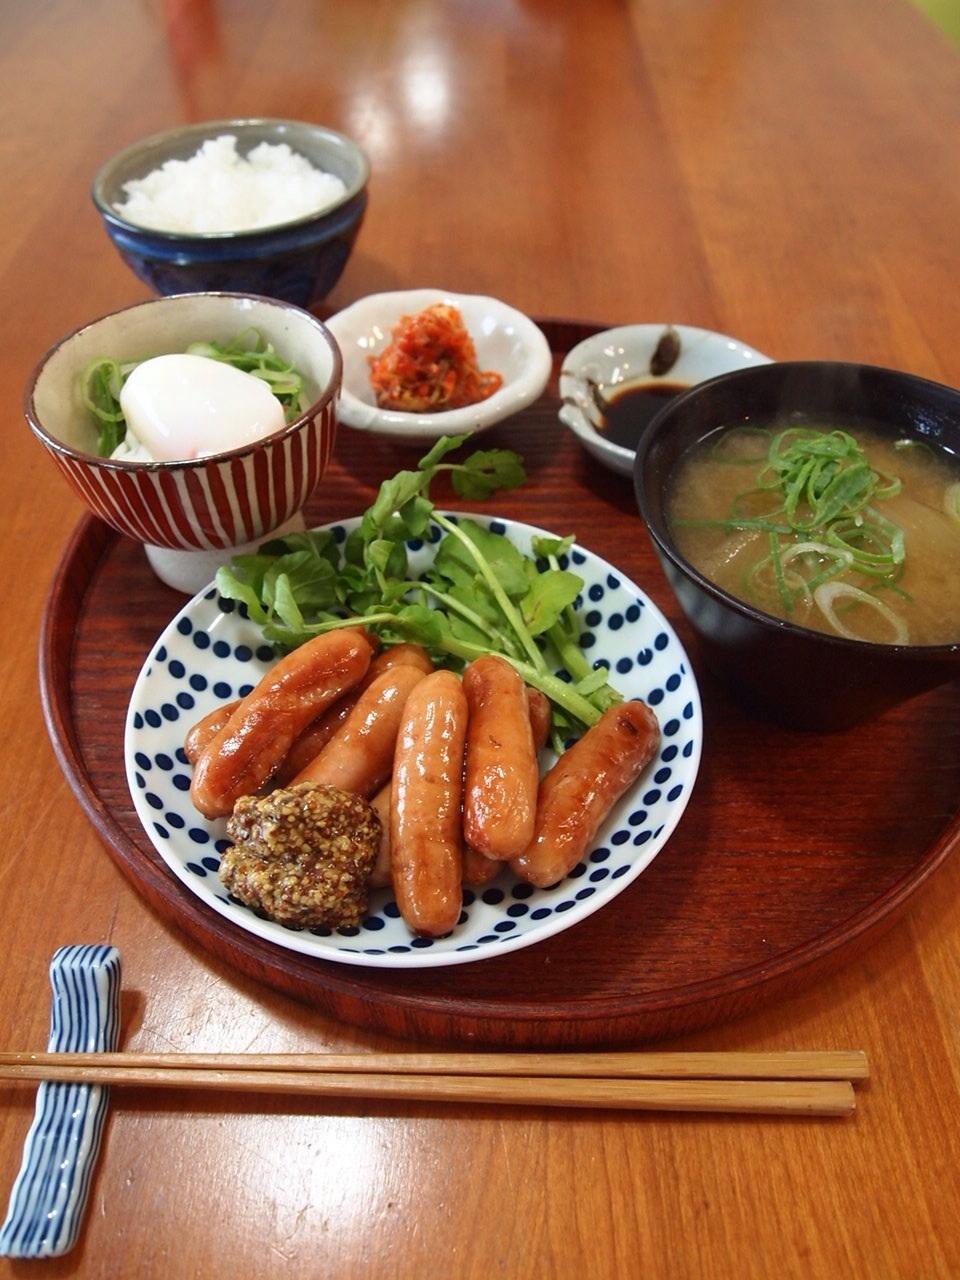 朝ごはんは玉子多し - sobu 2